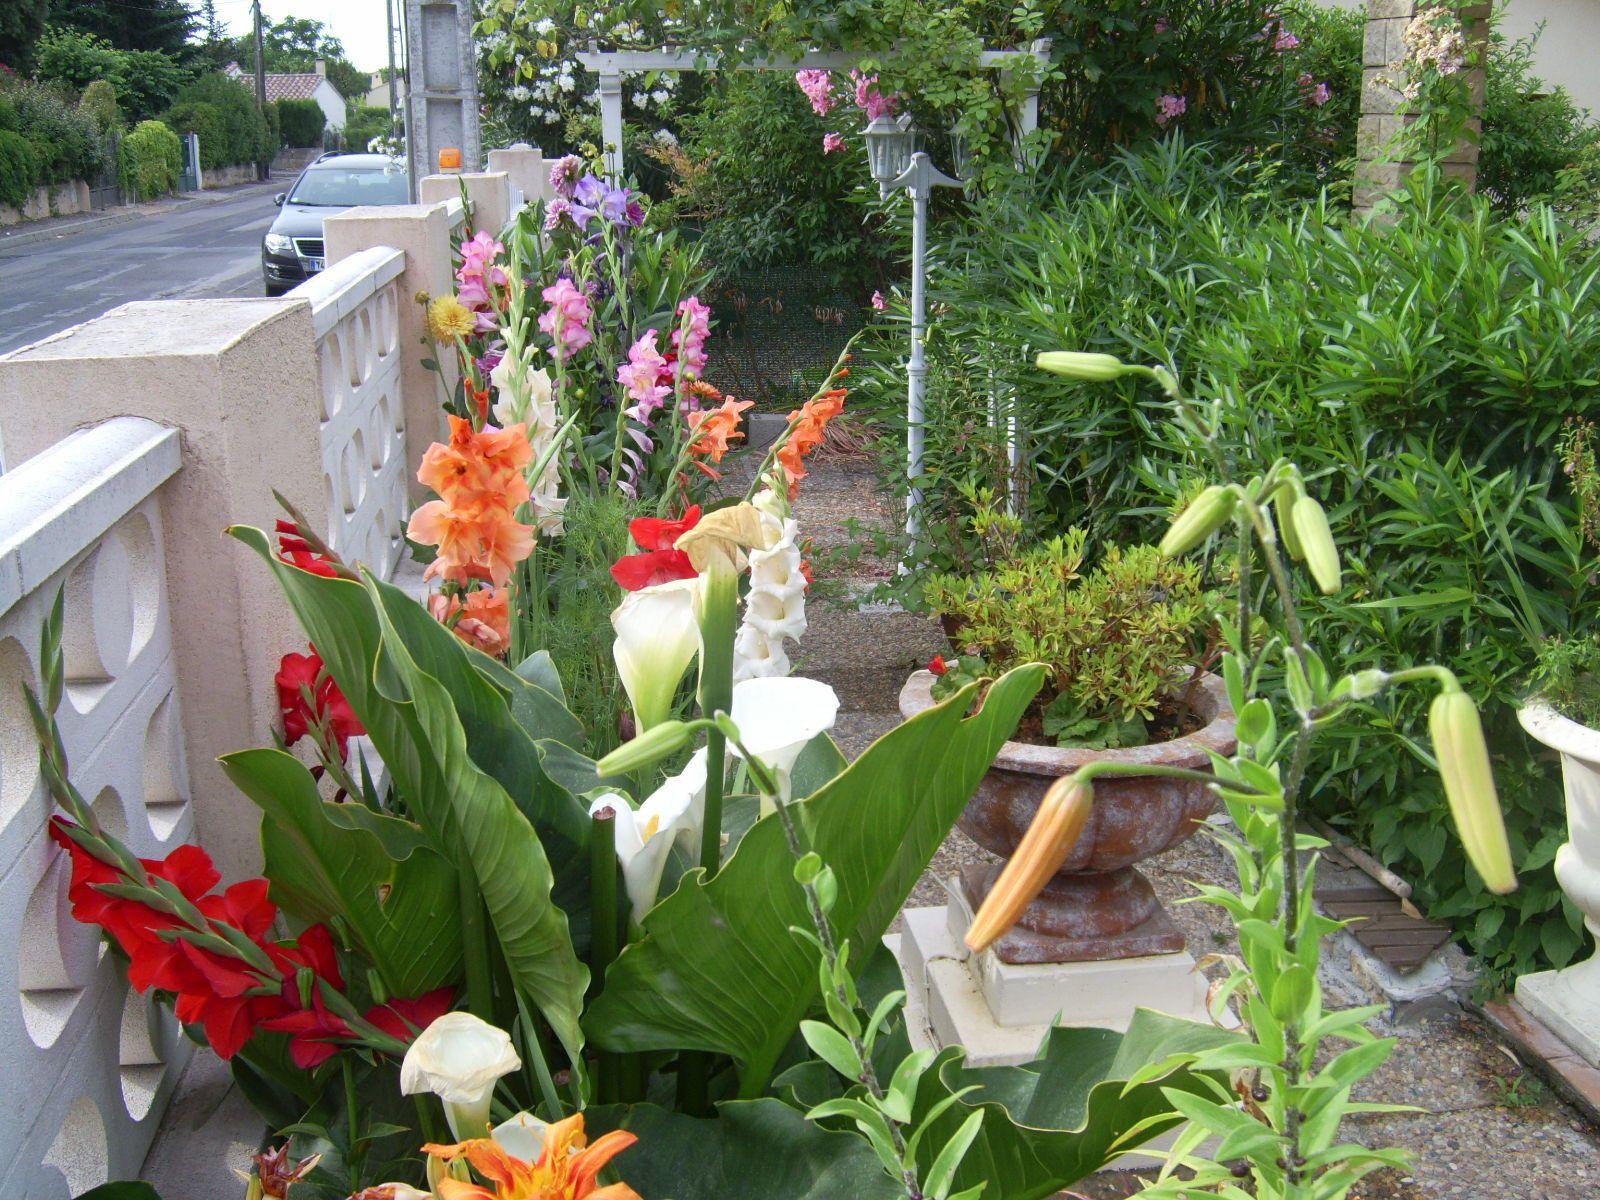 Les fleurs de pierre les glaieuls le blog de buquinp for Le jardin d agathe 19